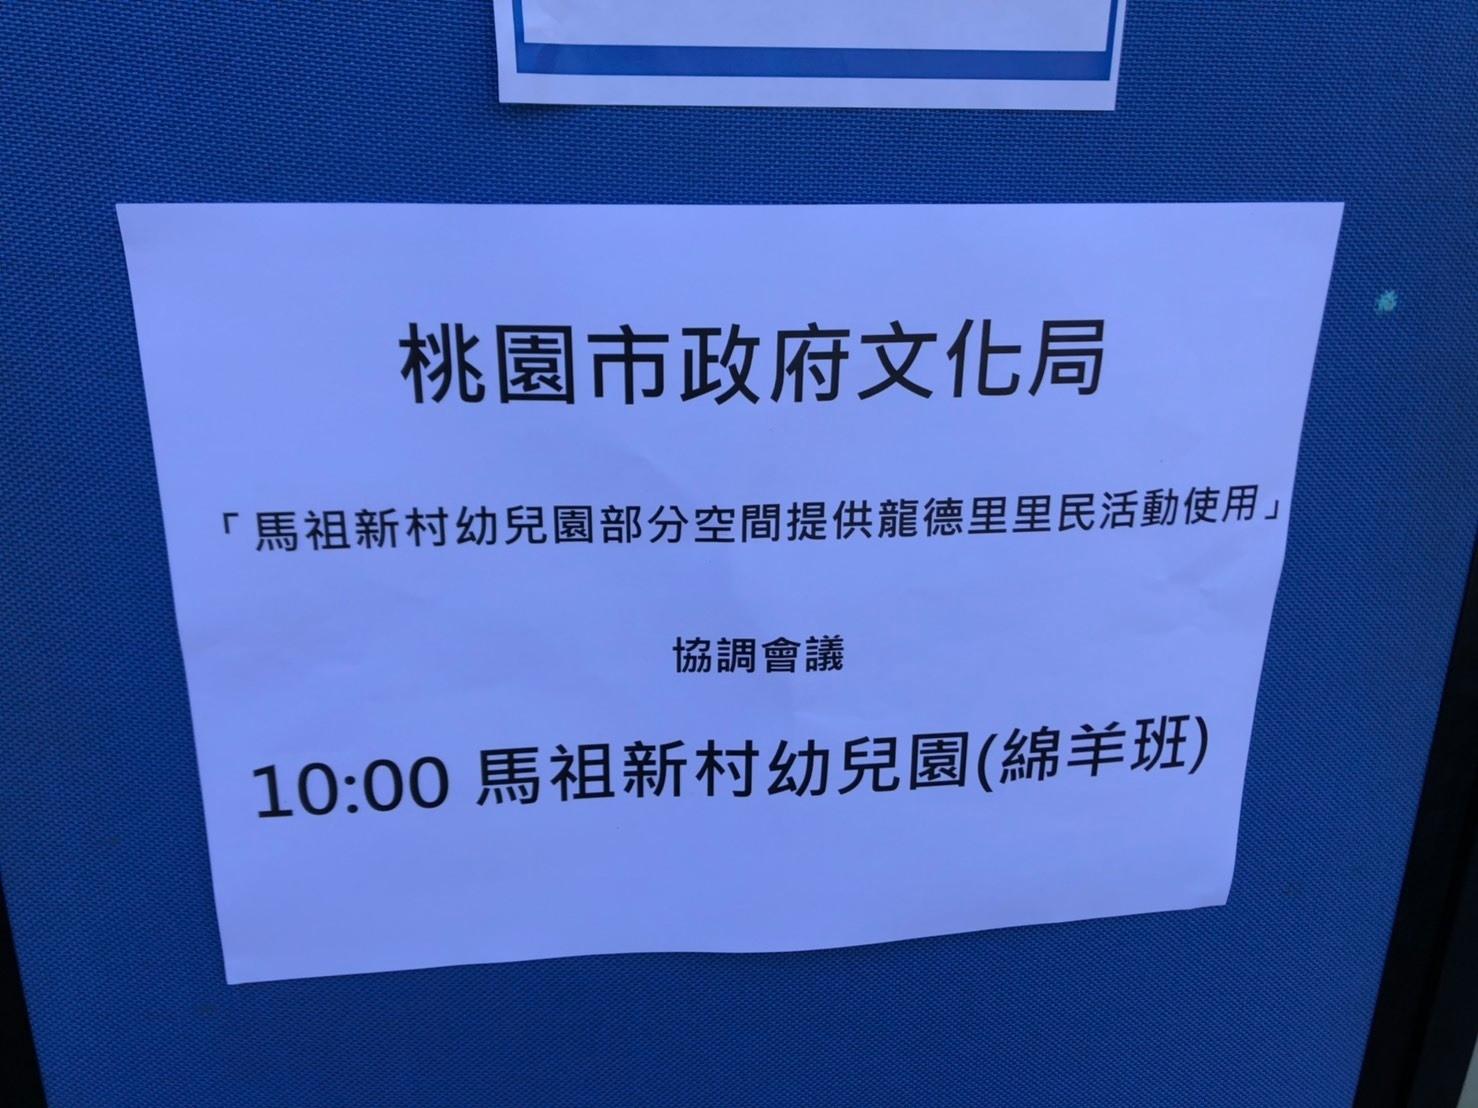 謝美英議員爭取馬祖新村龍德里活動中心